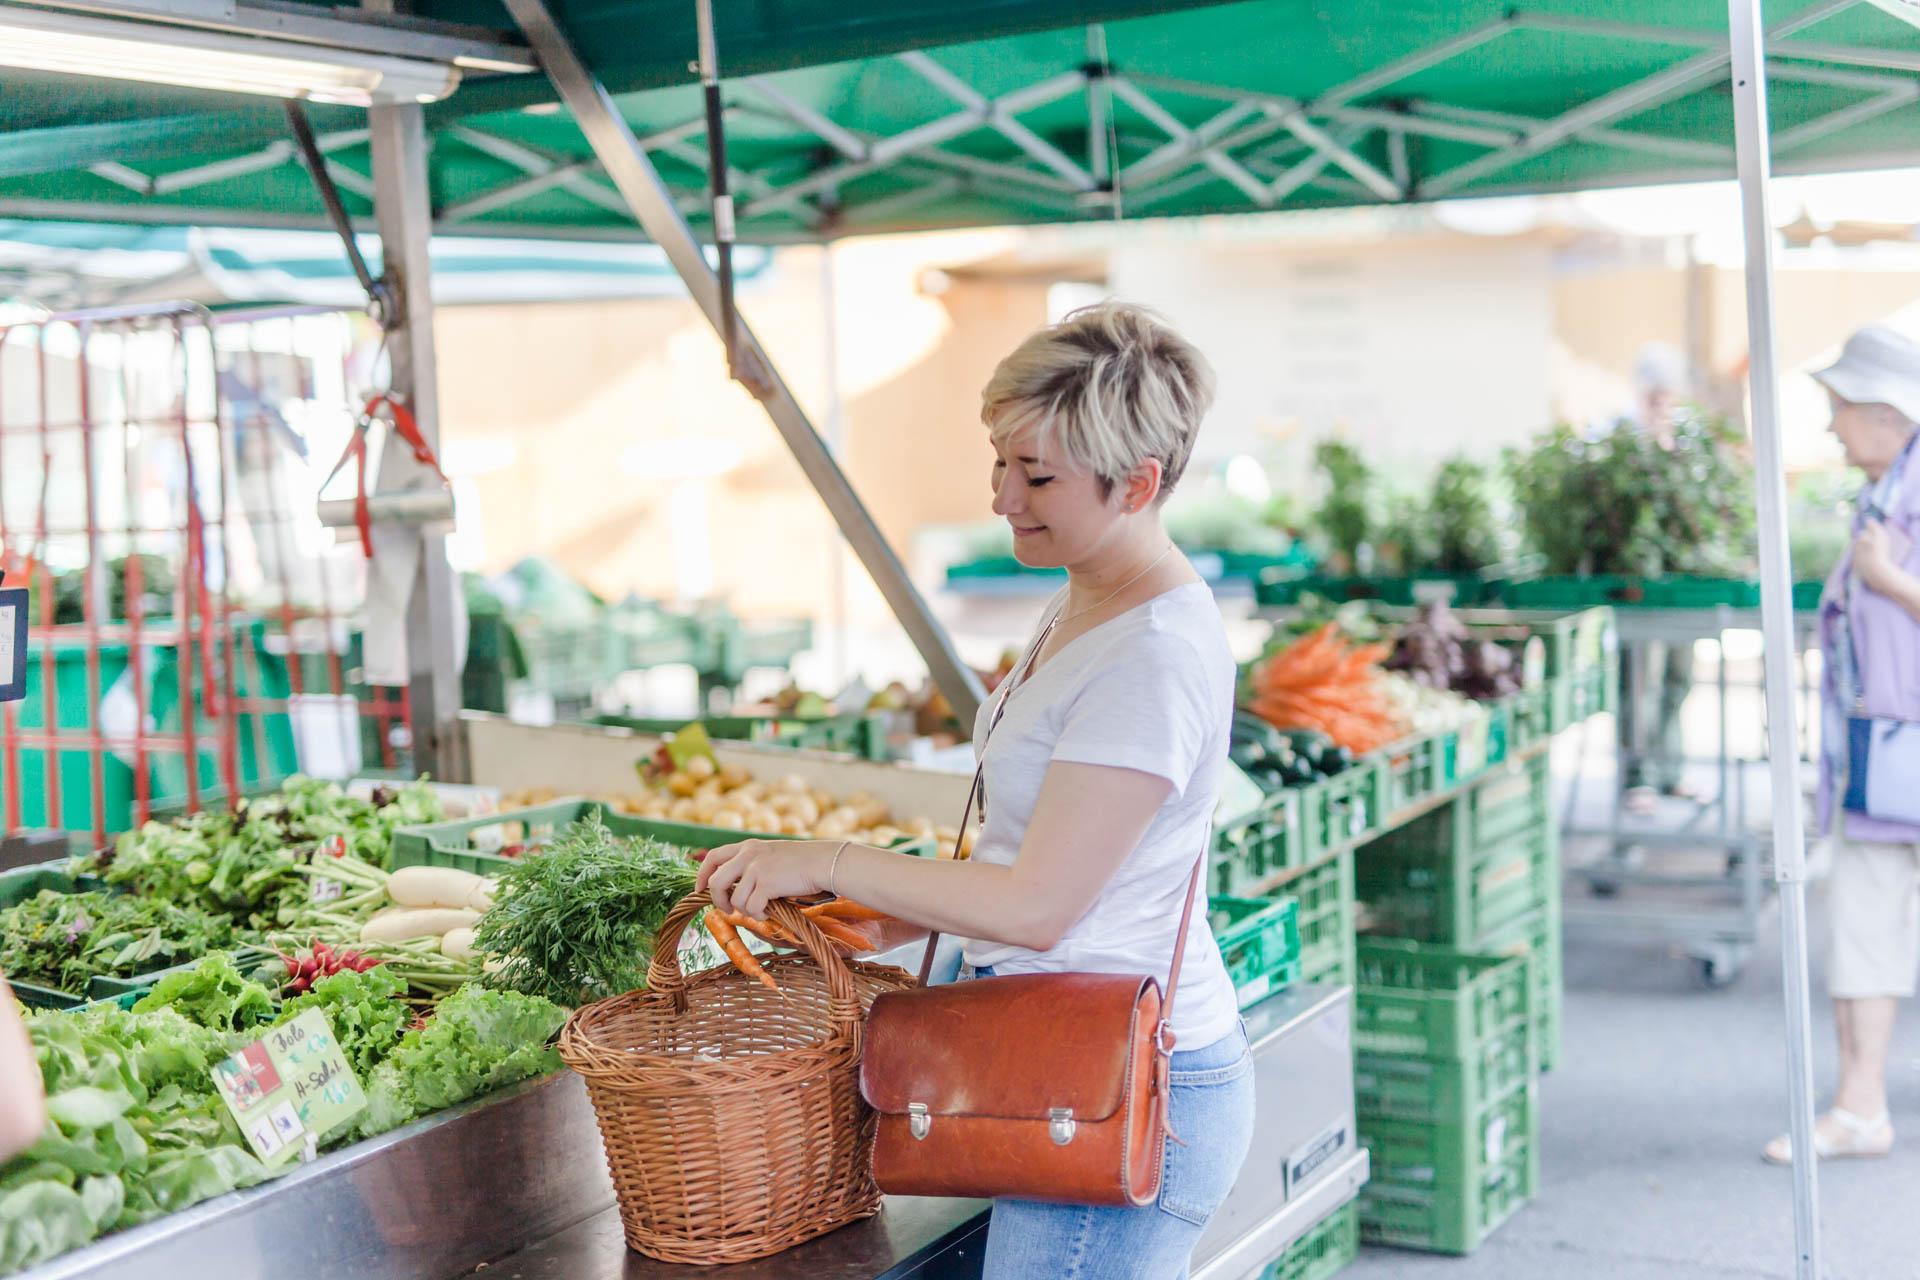 Besuch am Wochenmarkt